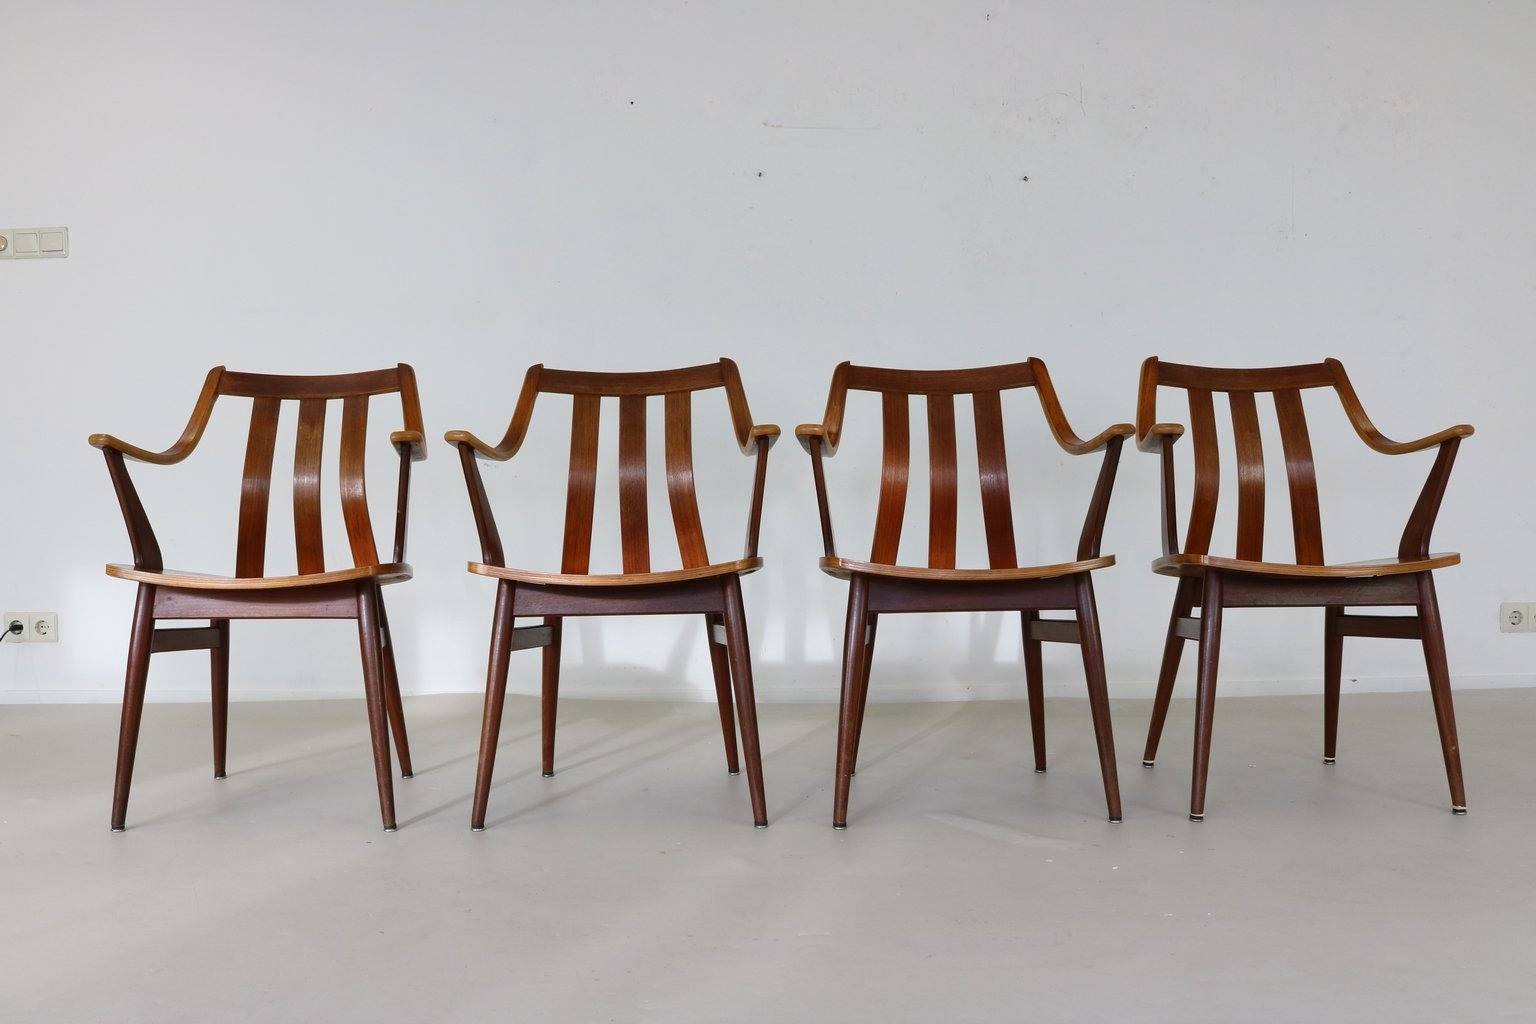 niederl ndische esszimmerst hle mit armlehnen 1968 4er set bei pamono kaufen. Black Bedroom Furniture Sets. Home Design Ideas